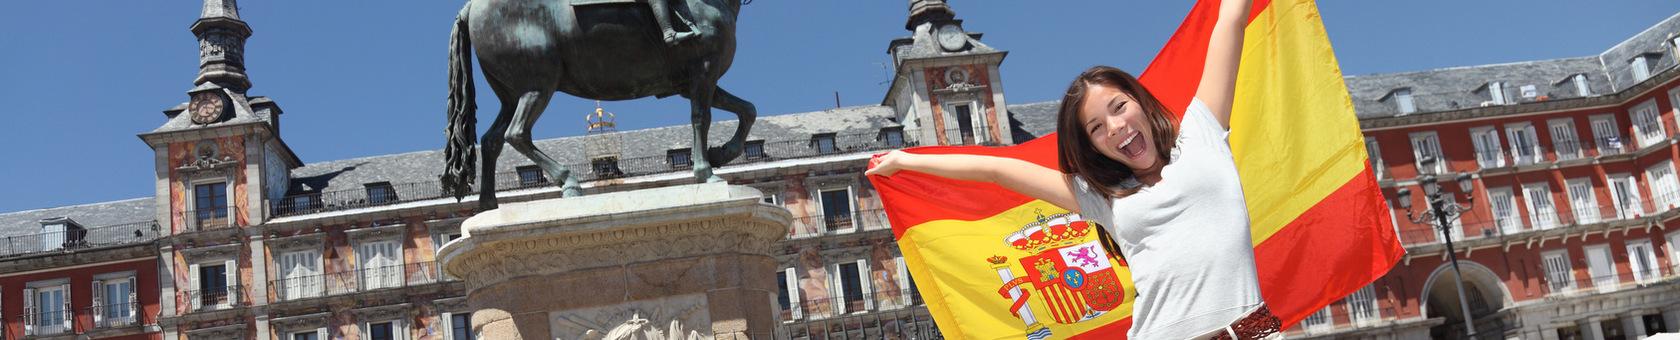 poznawanie języka hiszpańskiego w Hiszpanii - Madryt